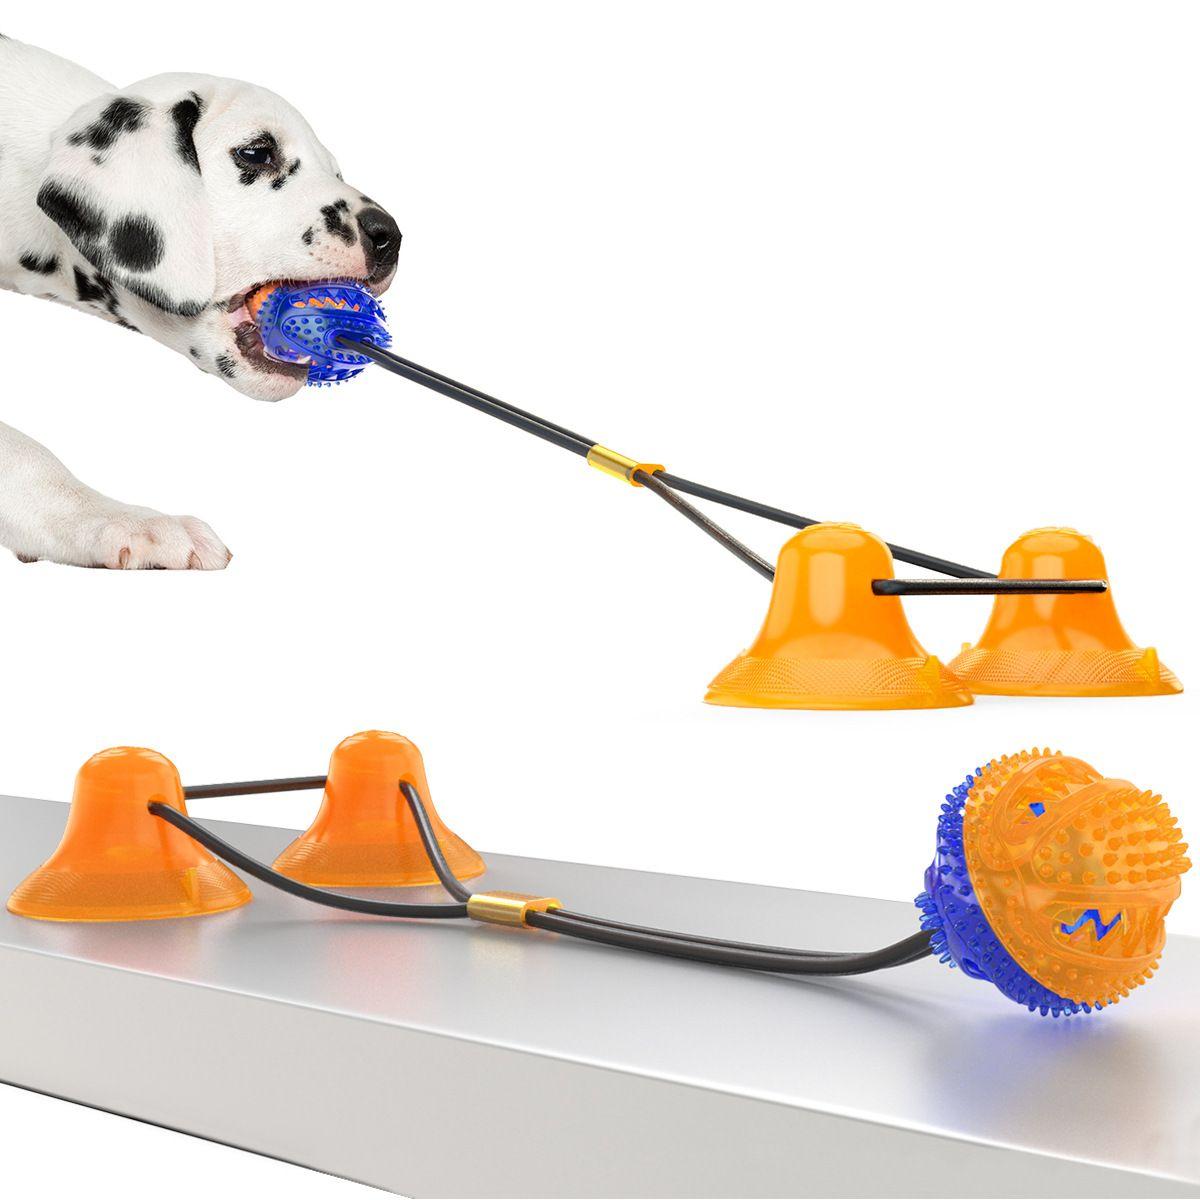 Tierzubehör Doppel Sucker Hundespielzeug Molaren Leakage beißfest Kugel Hundespielzeug Petmolar Aktivitäten Trainings Designer Hundeleine Supplies